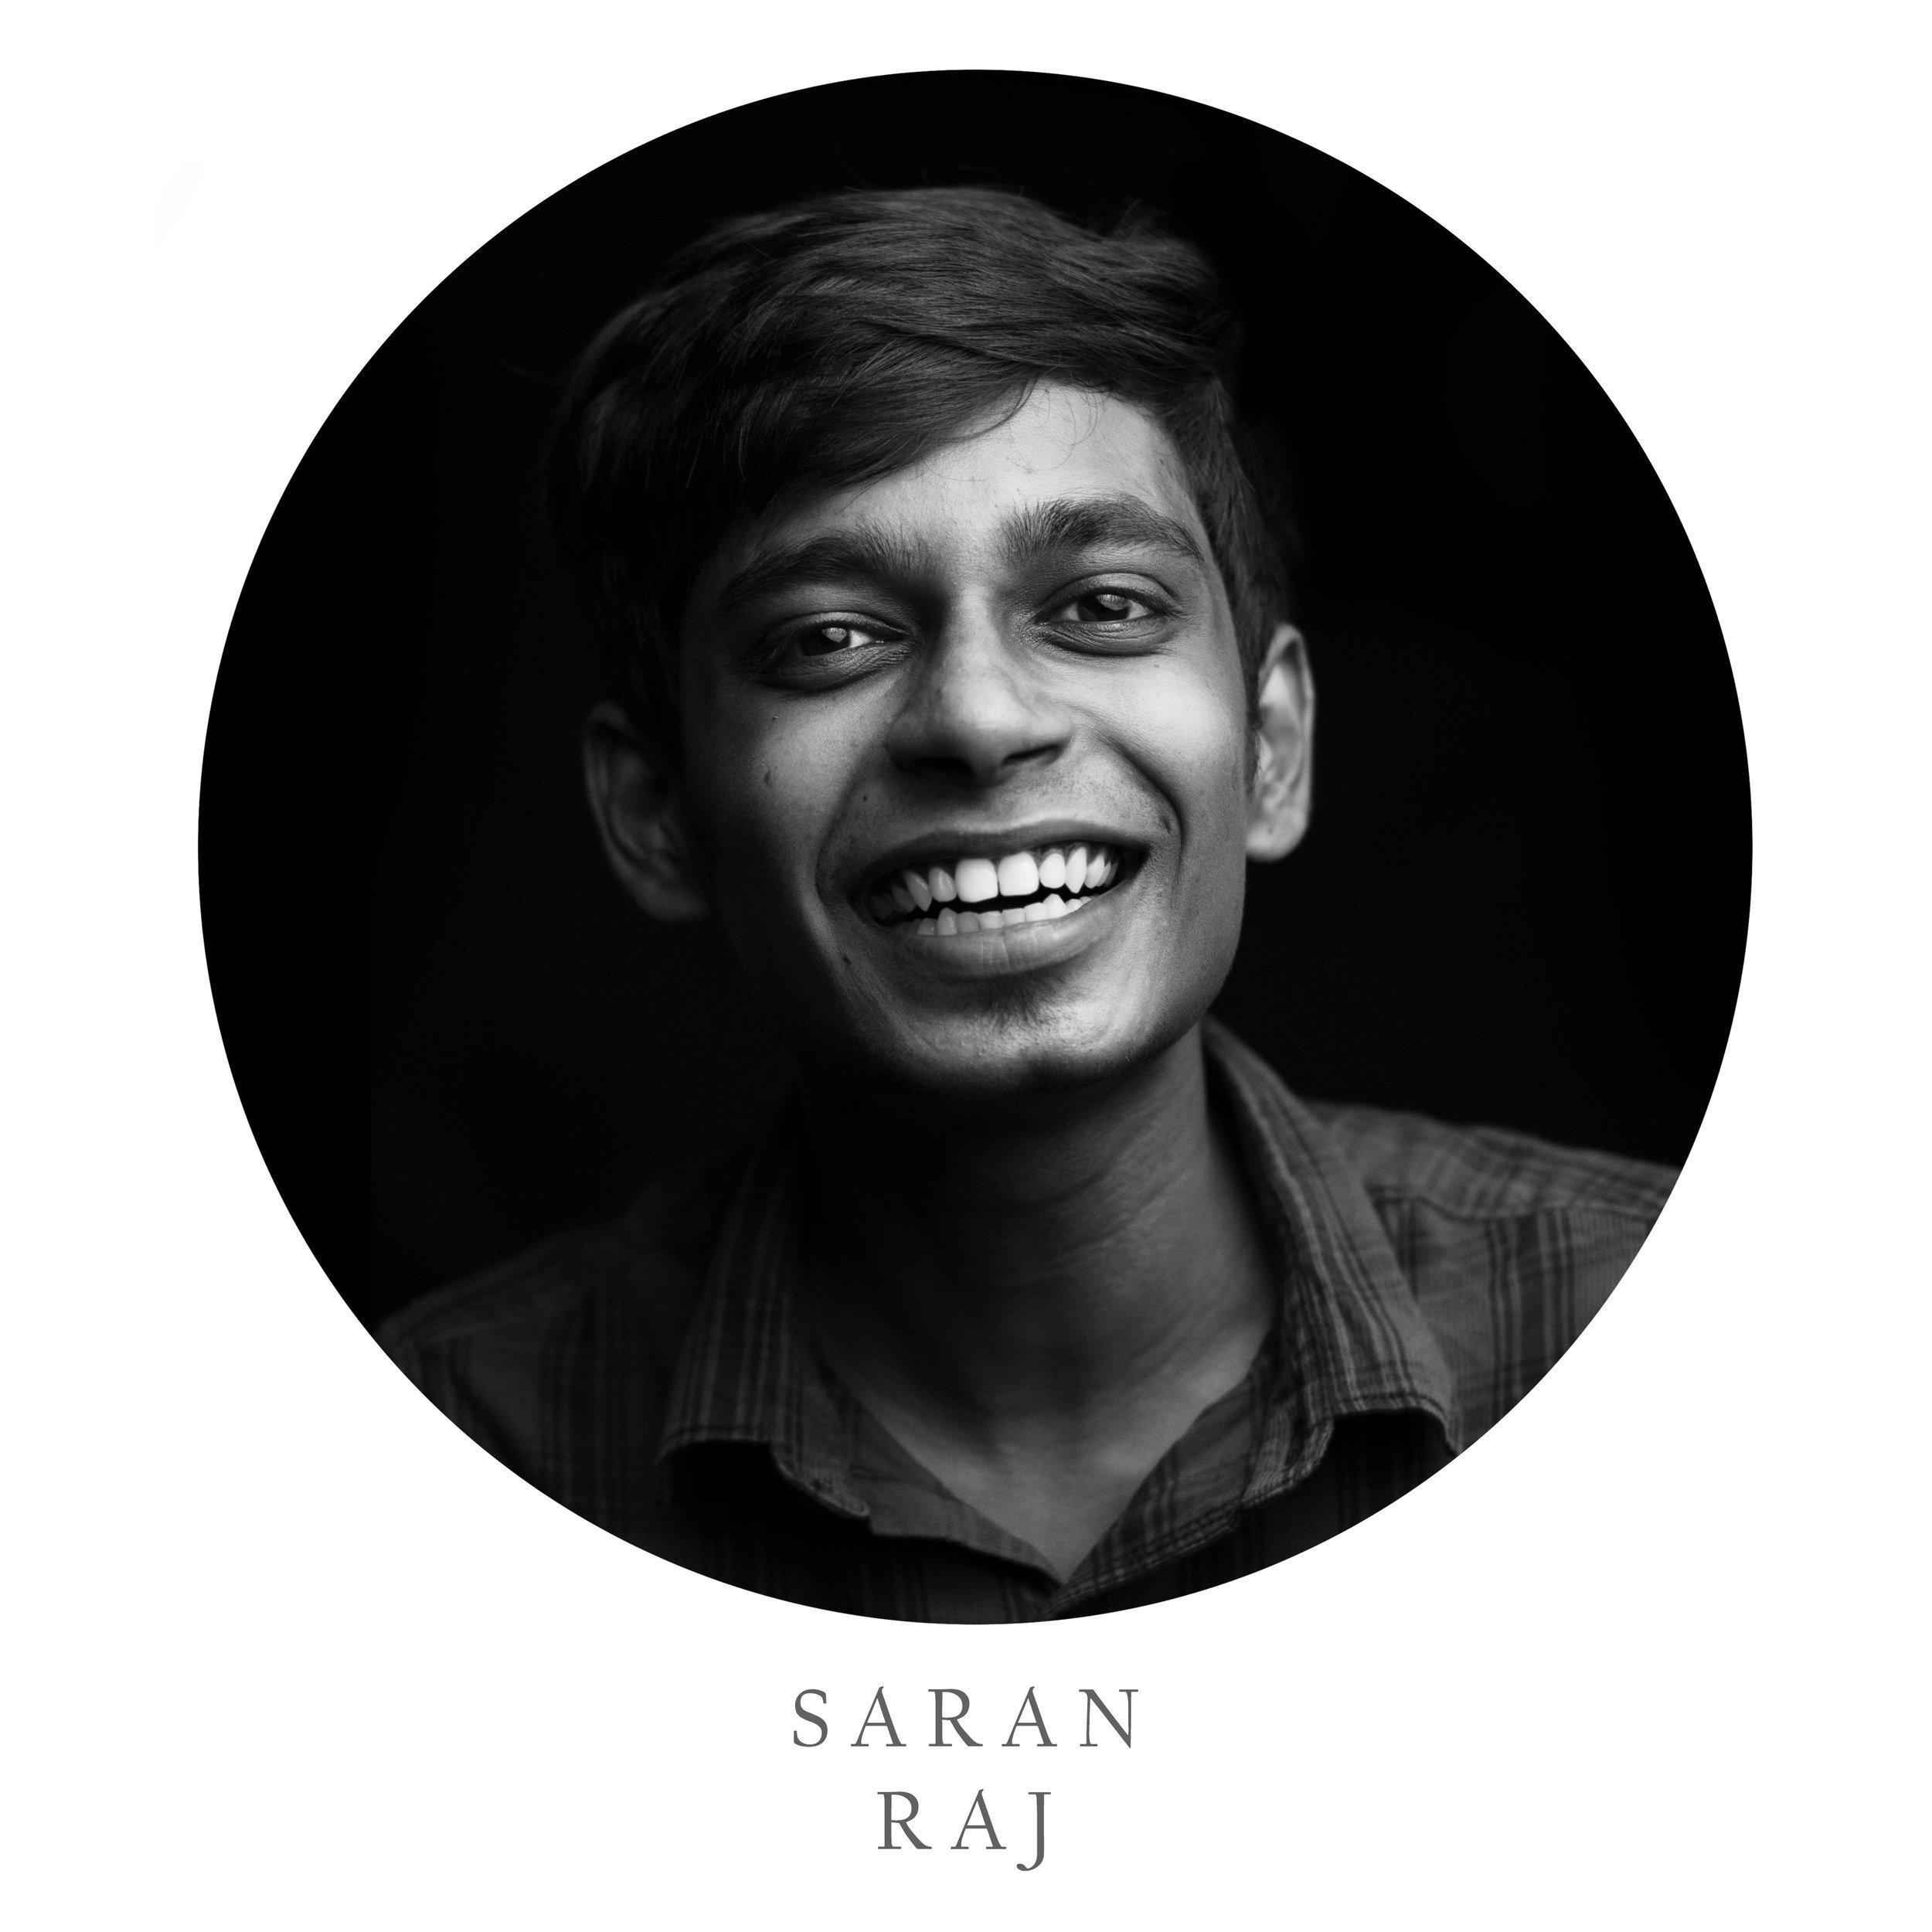 SARAN 3 .jpg